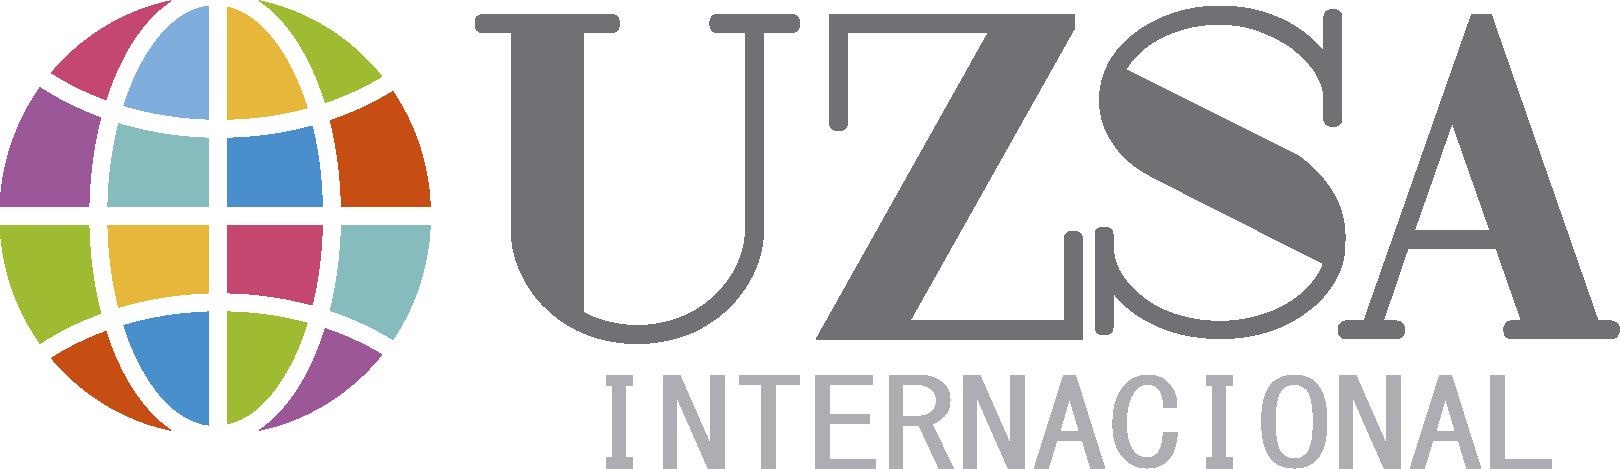 Internacionaluzsa